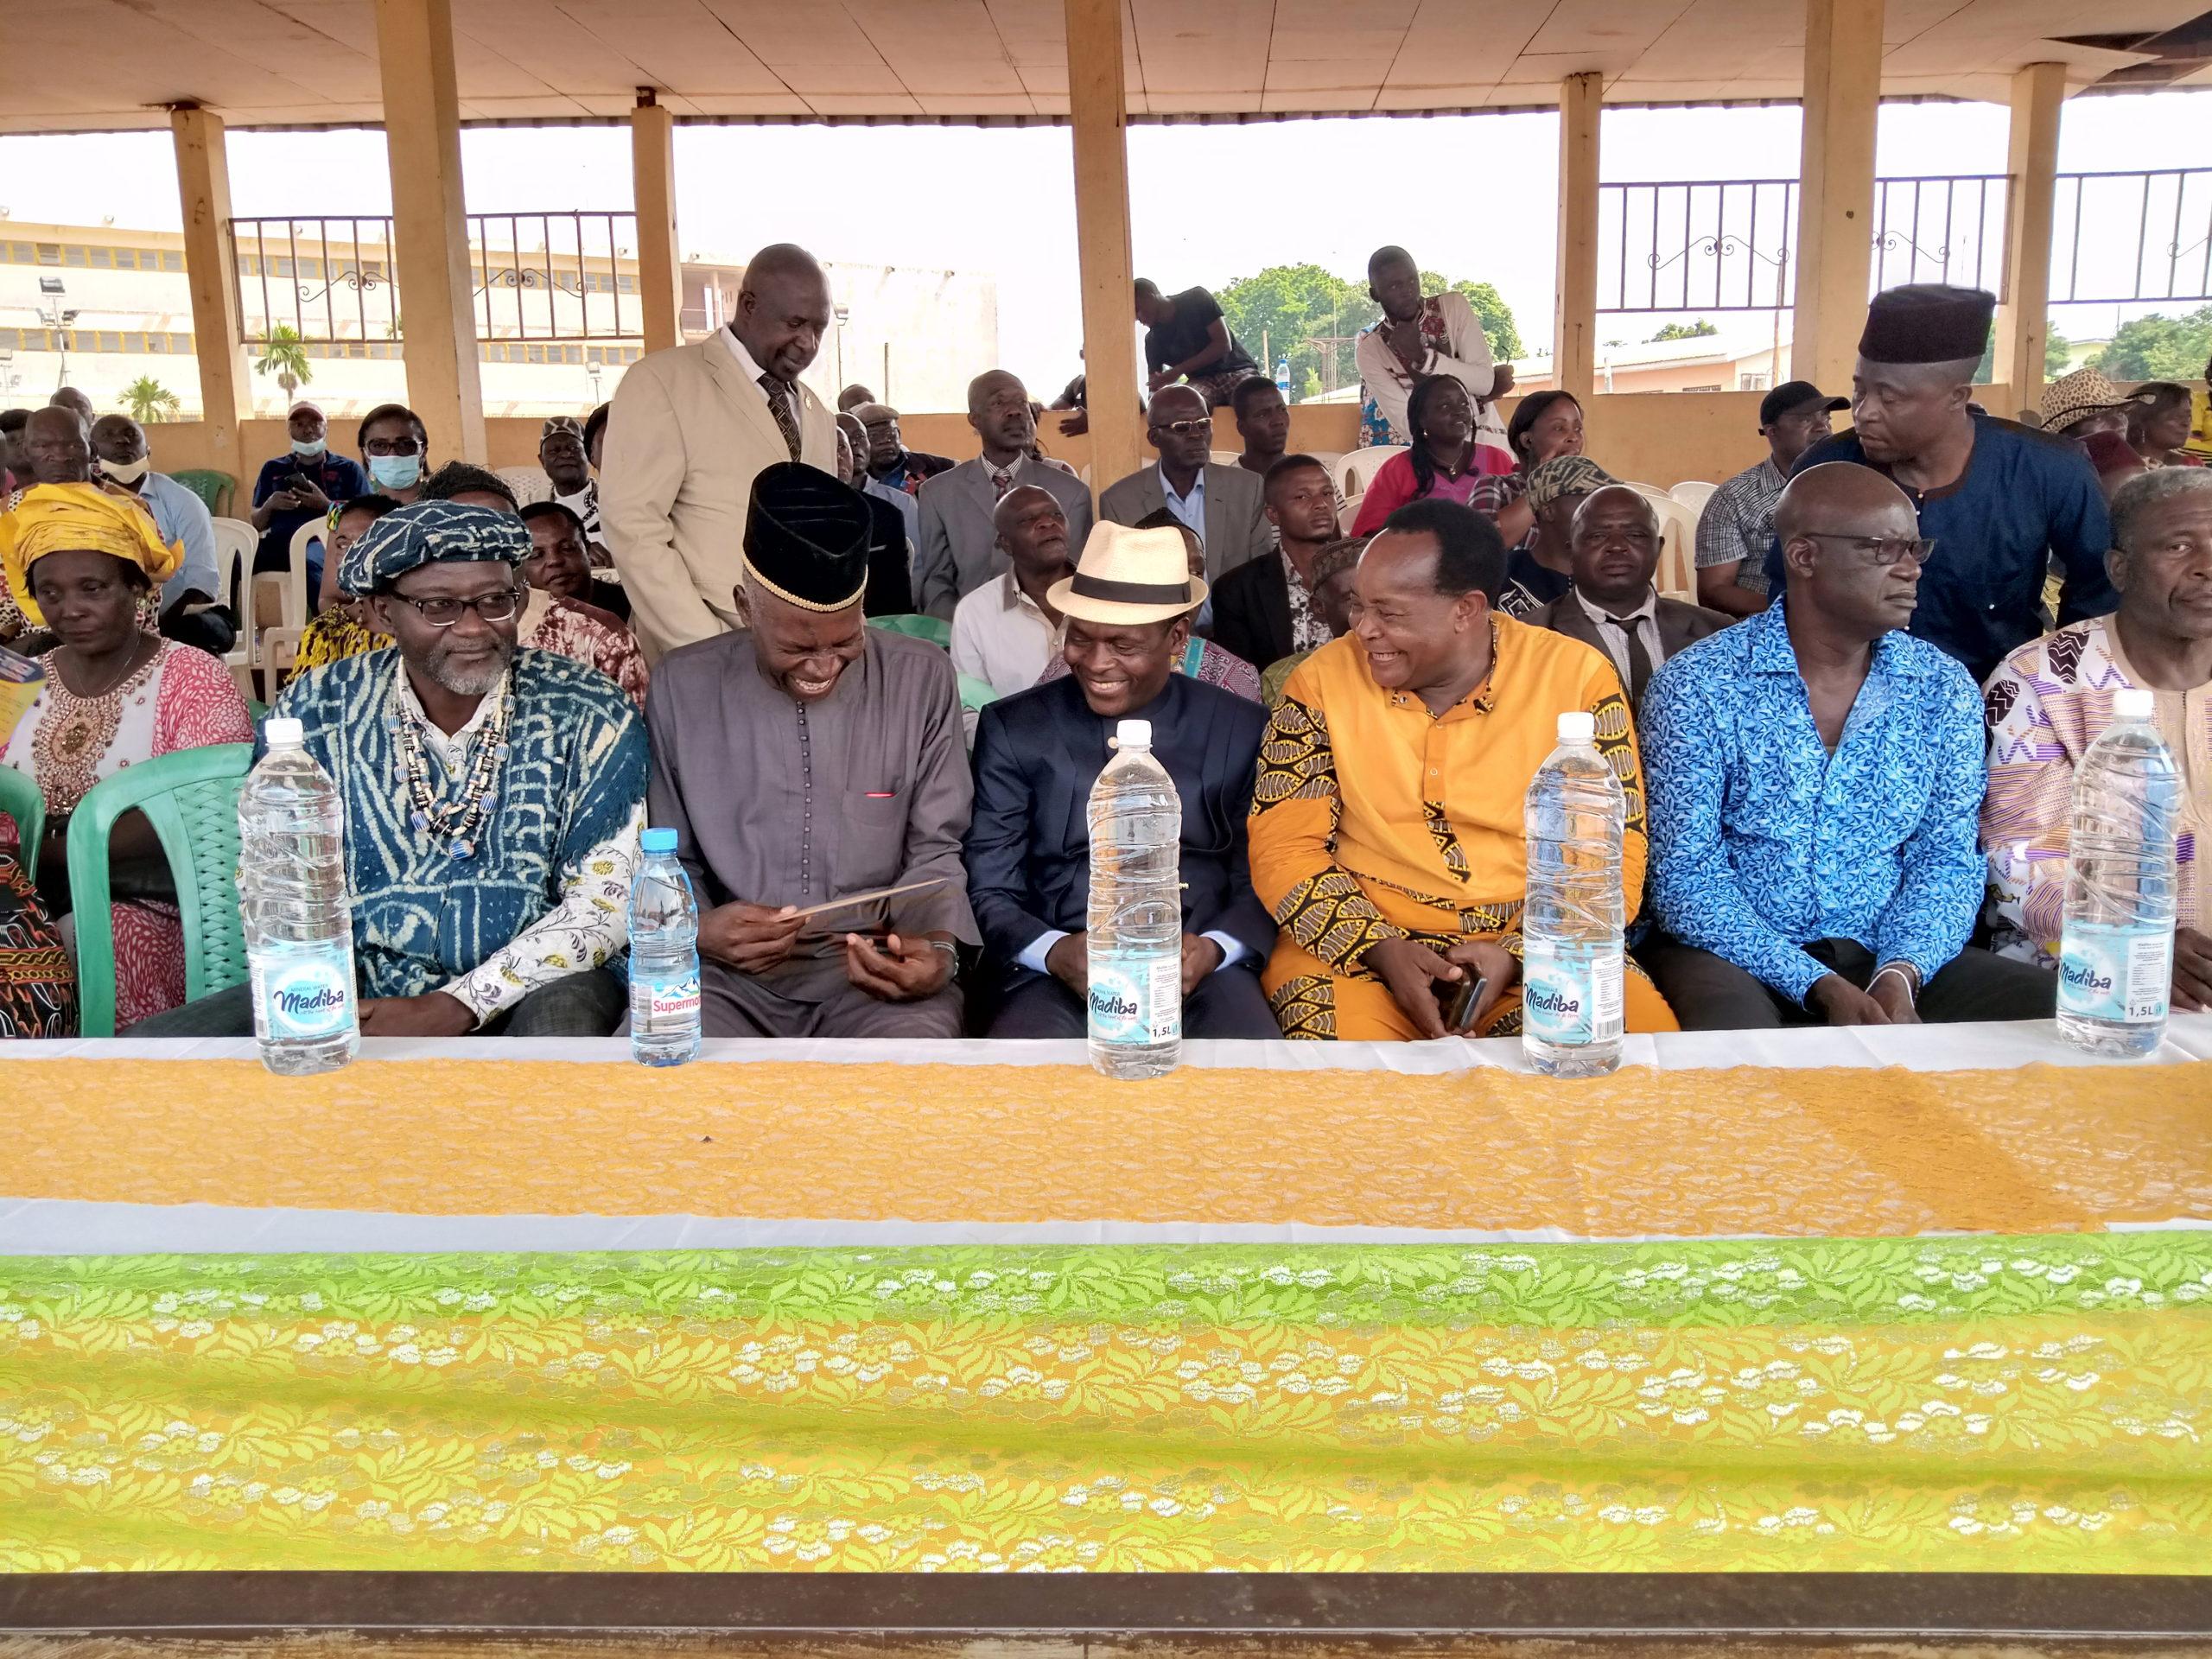 Soutien au mouvement sportif Fongo-Tongo dans l'ensemble : la reprise monumentale de Paul DONGUE en pleine surface de réparation à Yaoundé